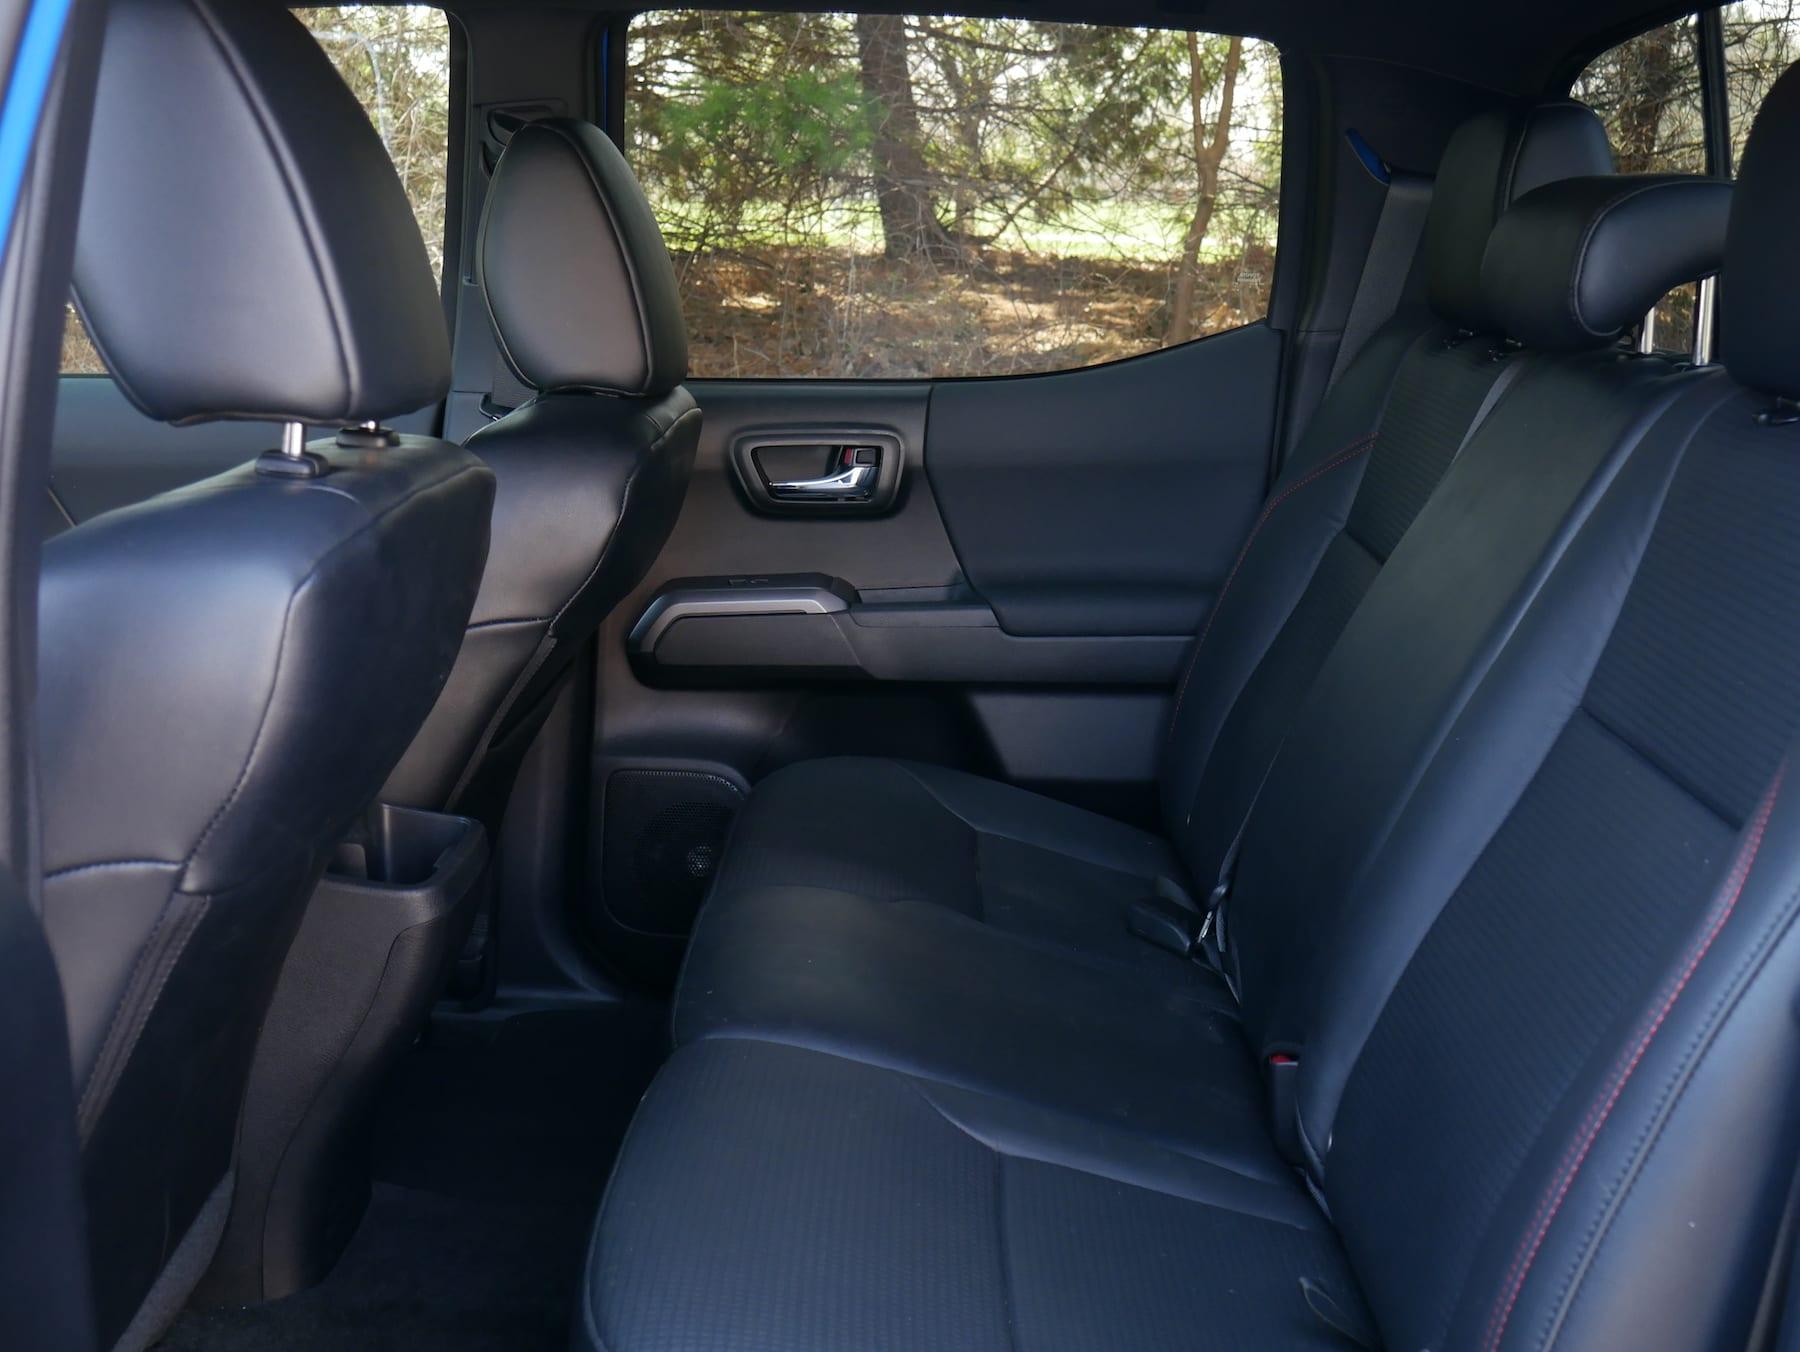 2019 Toyota Tacoma TRD Pro rear seats